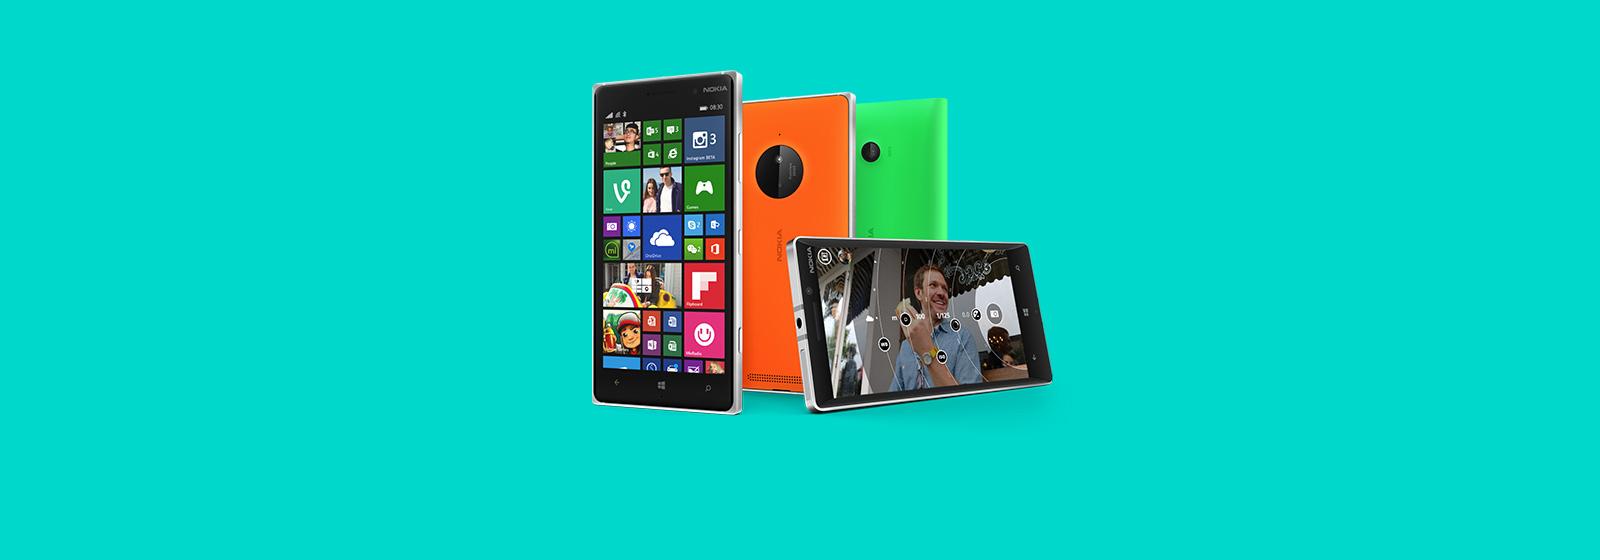 Naredite več s pametnim telefonom. Več informacij o napravah Lumia.